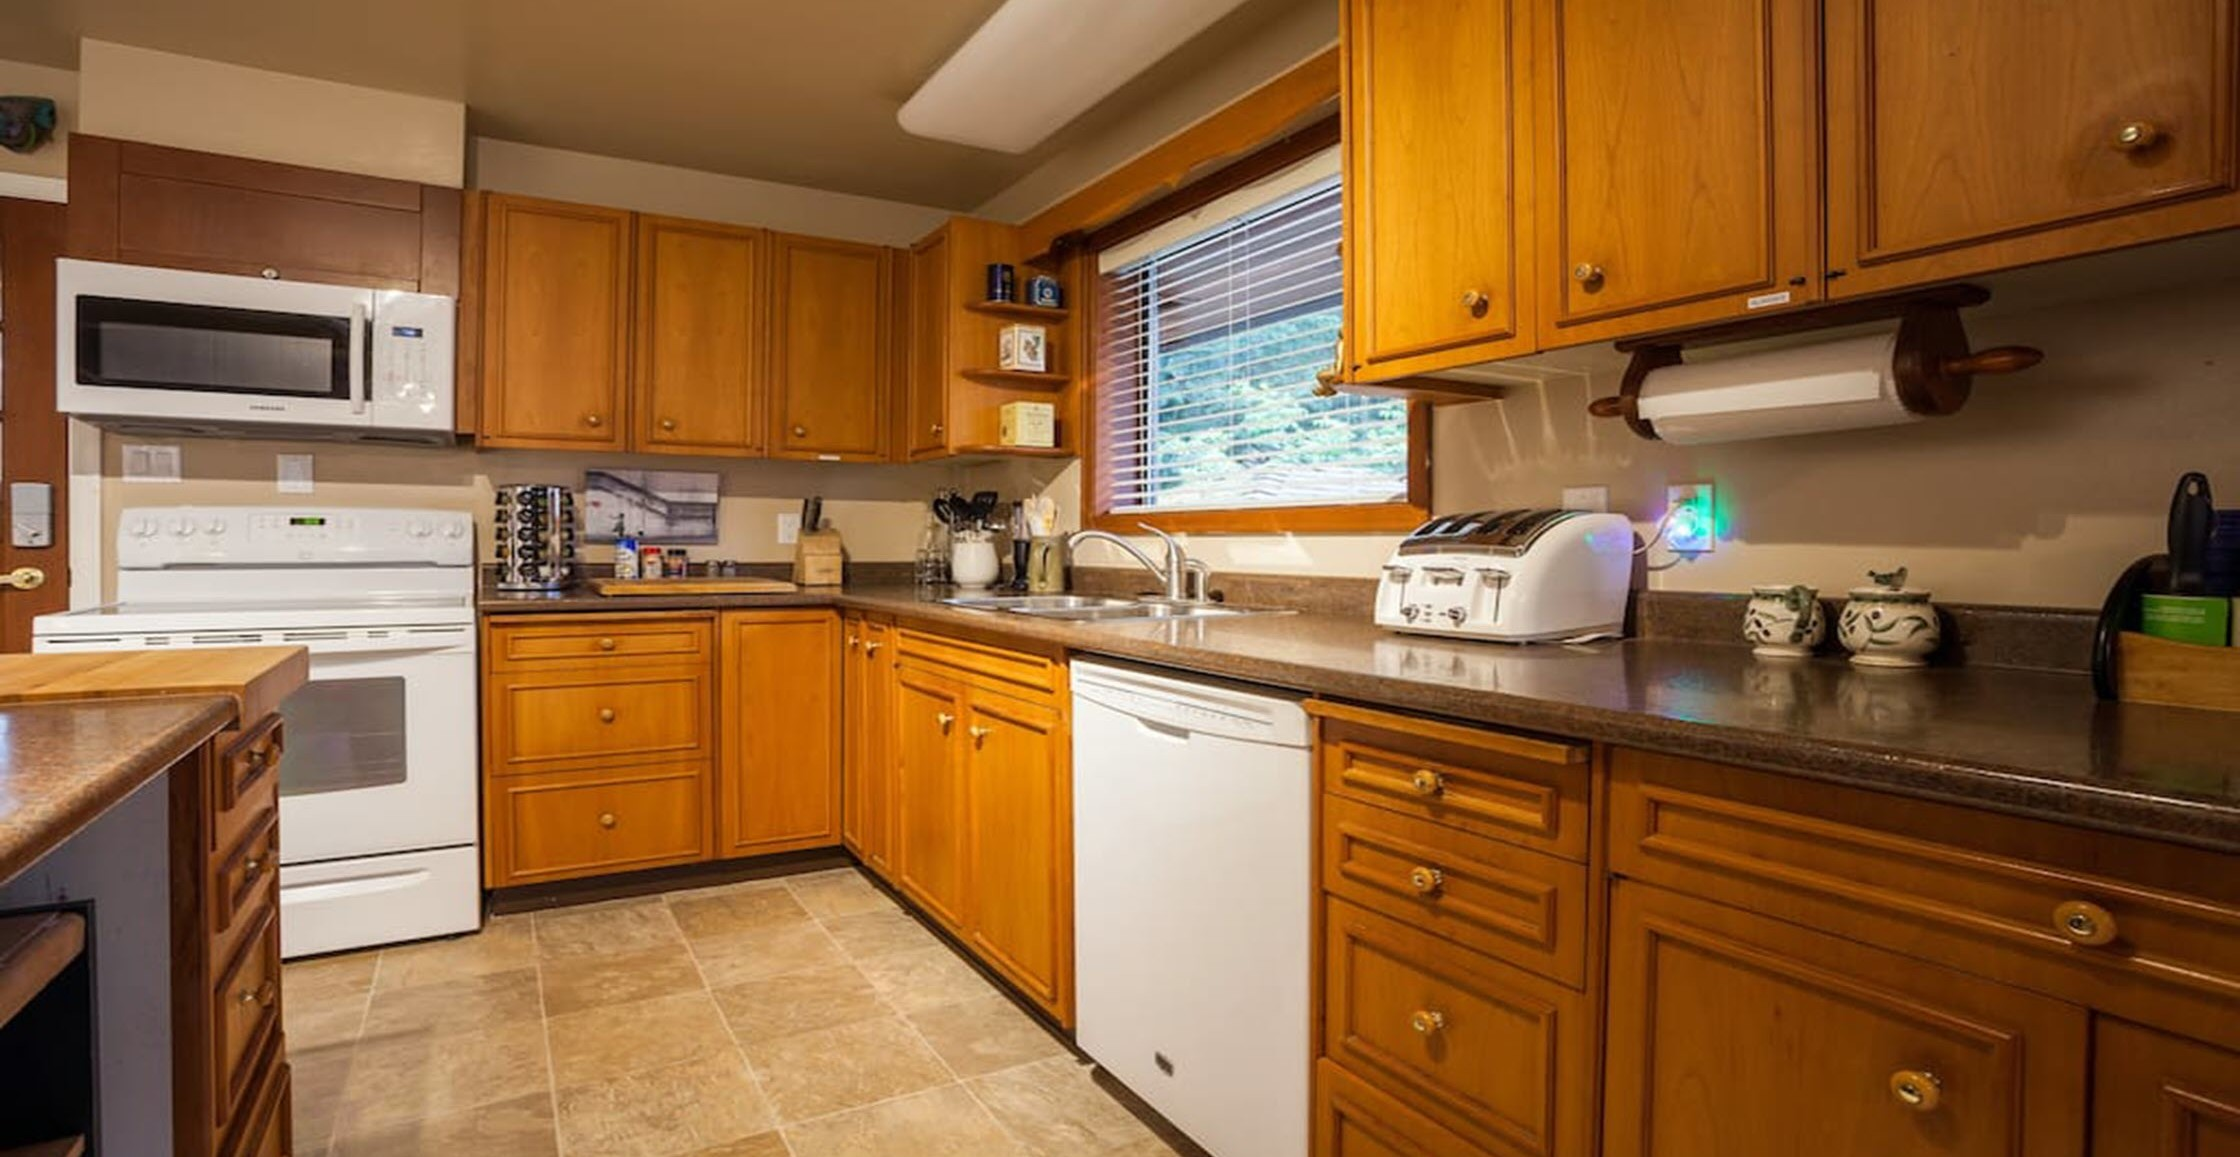 Petie's Cottage Kitchen